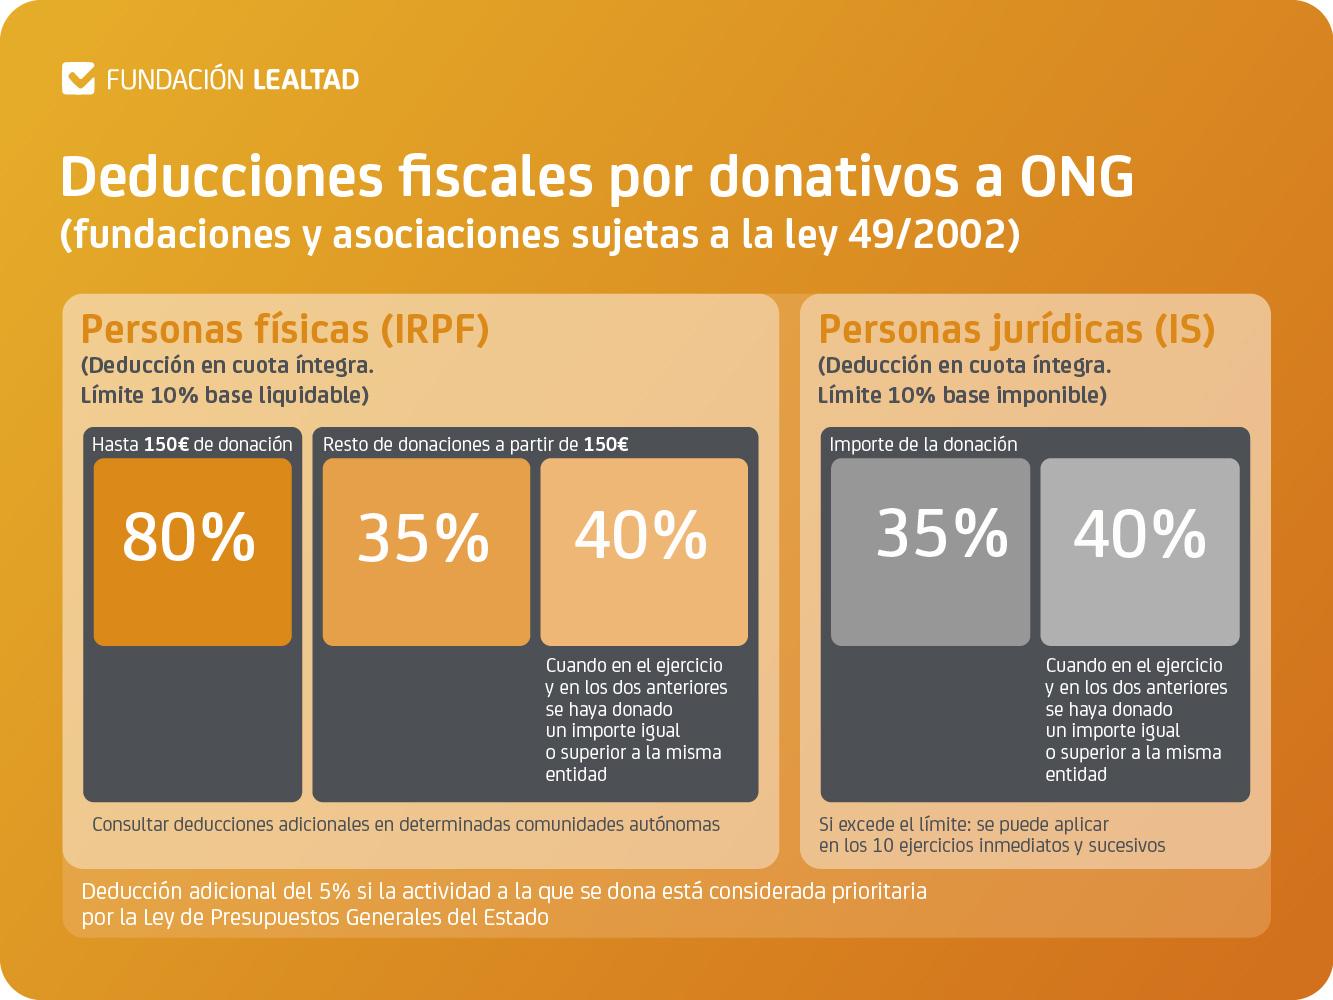 Deducciones-fiscales-donativos-ONG-2020-TAMAÑO-GRANDE